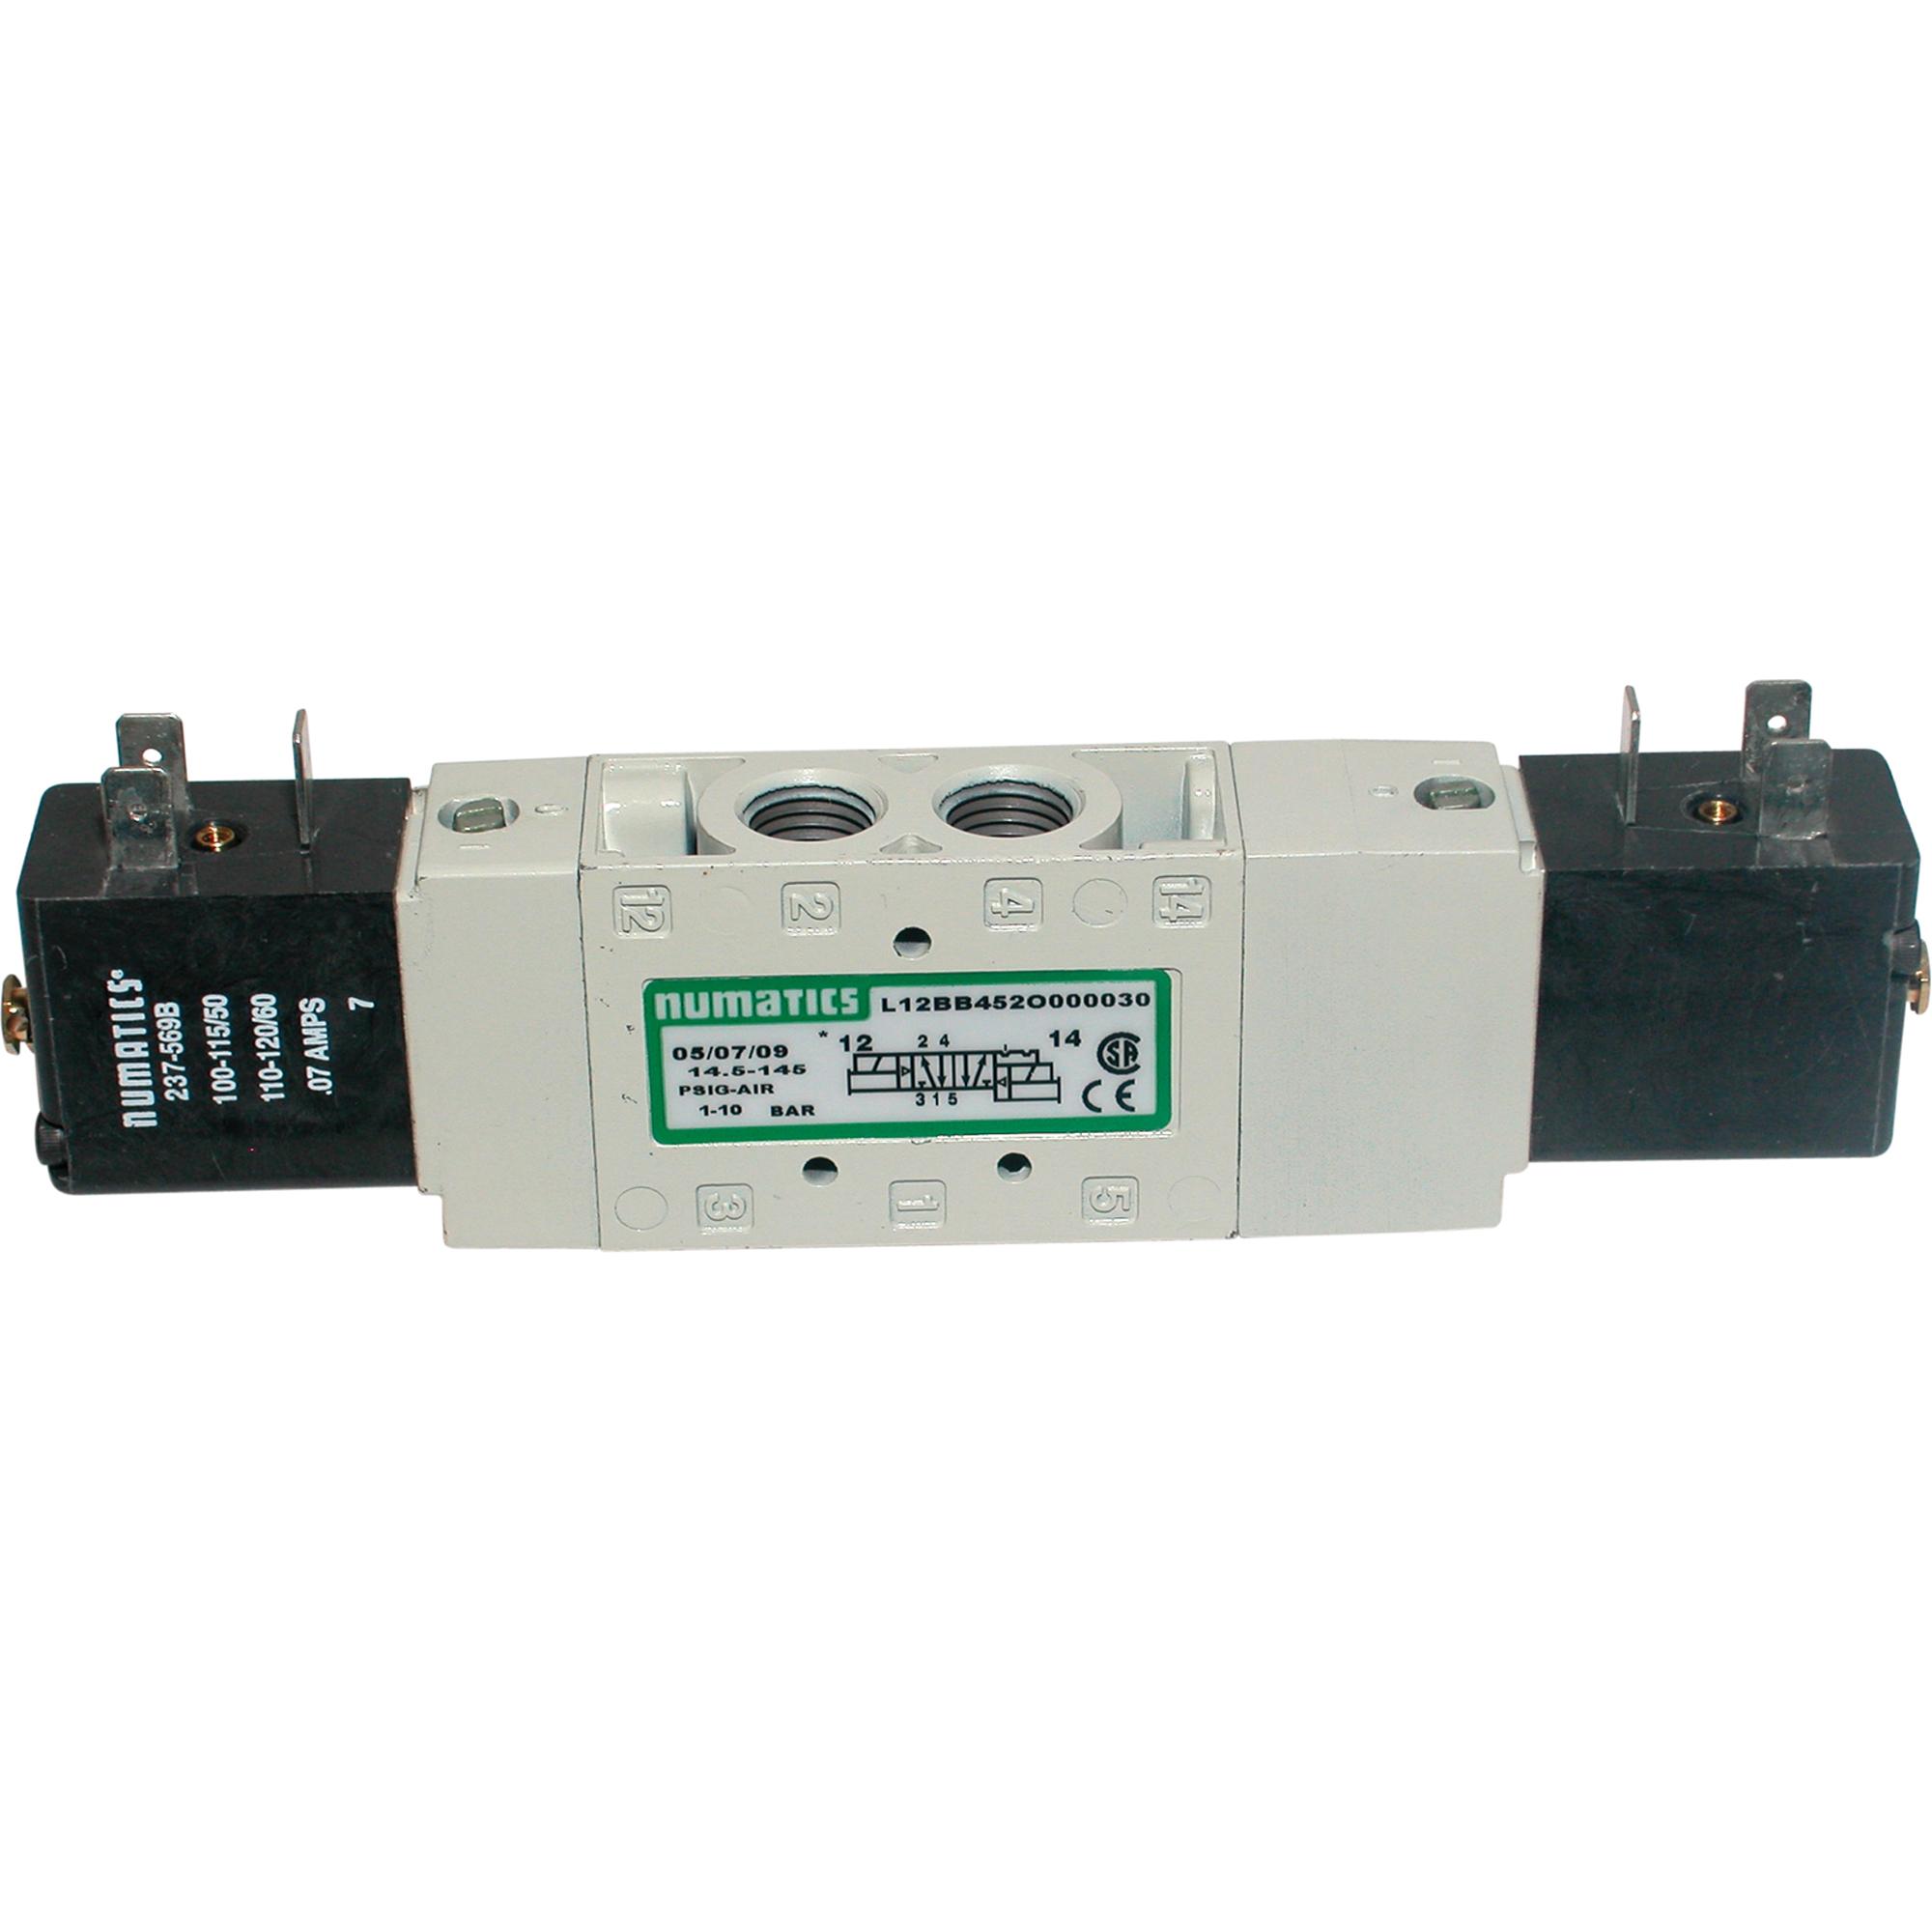 NEW IN BOX ASCO L12BB452B000061 L12BB452B000061